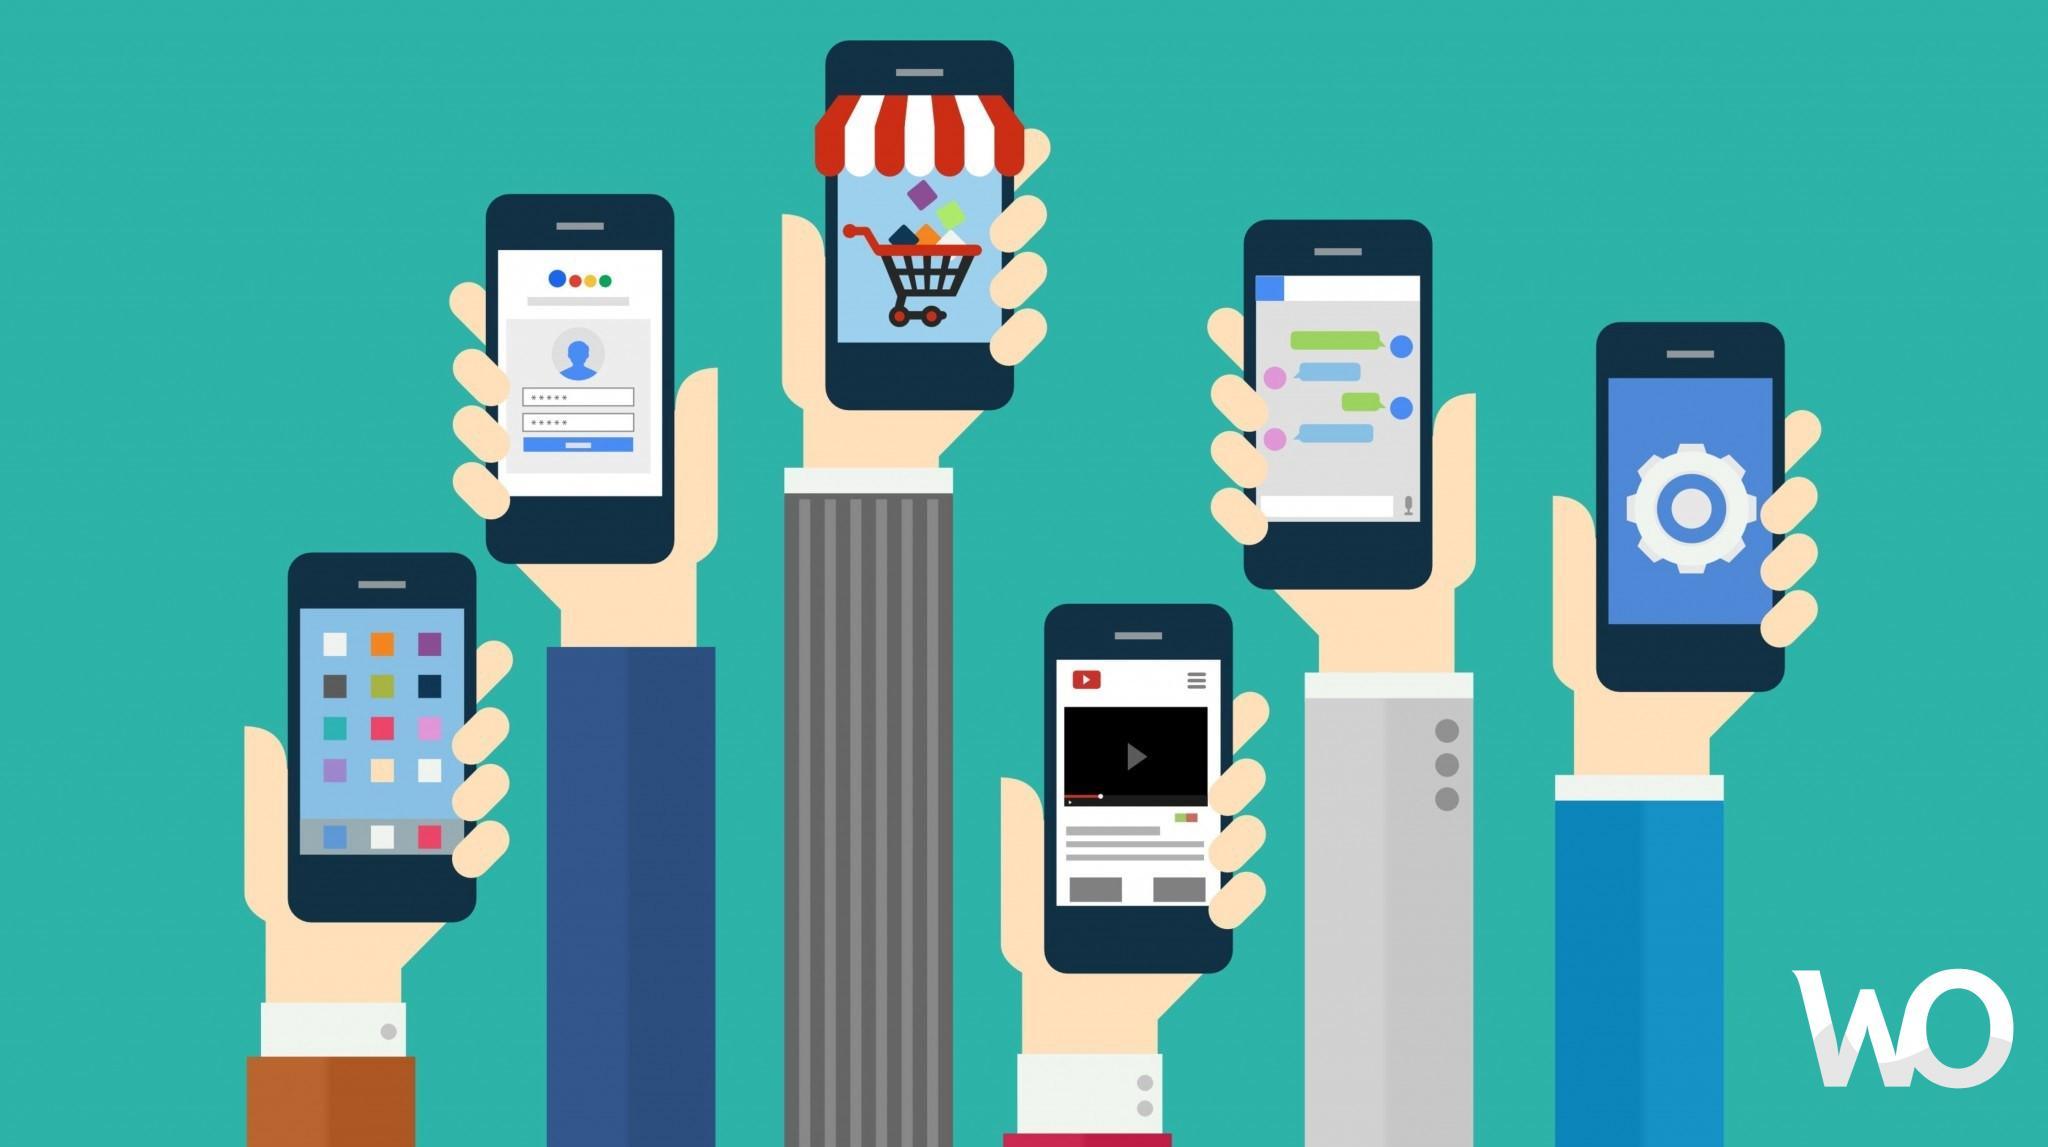 Mobil Uygulama Yapan Firmalar